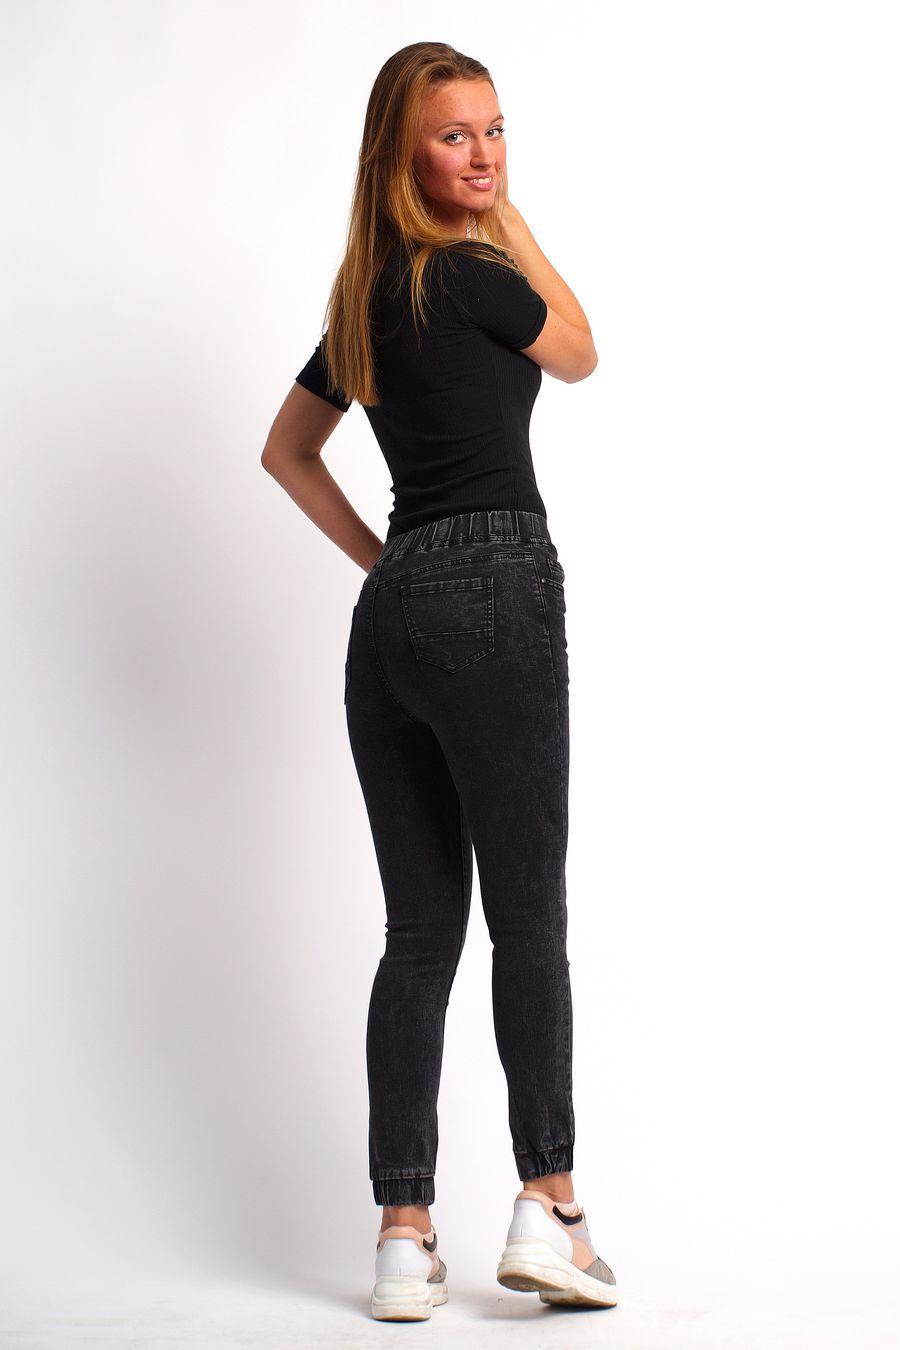 Джинсы женские K.Y Jeans 894 - фото 2